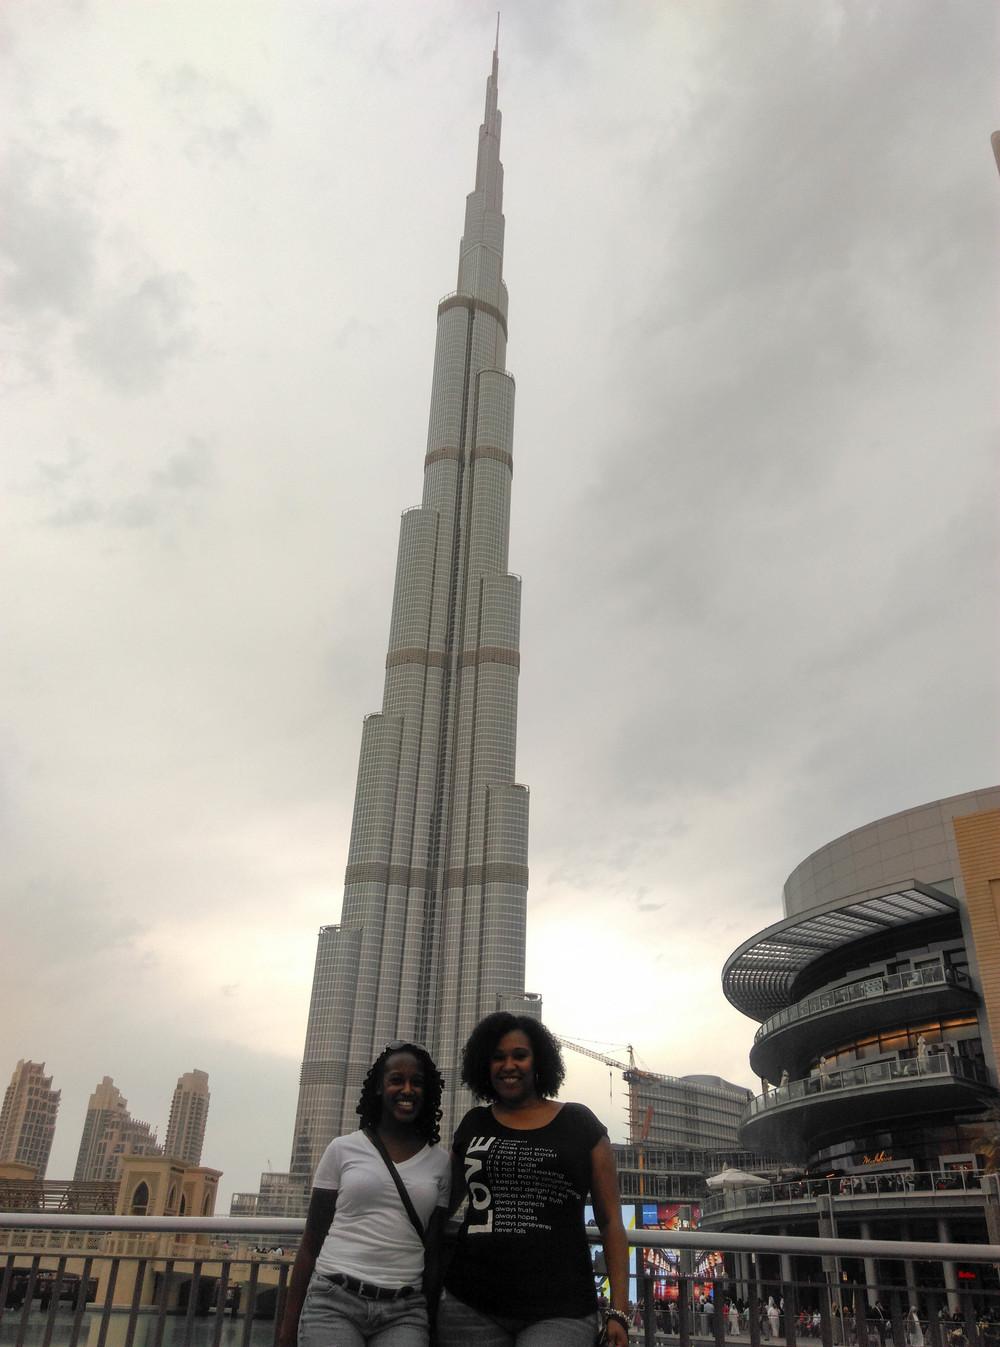 Usie Outside Burj Khalifa